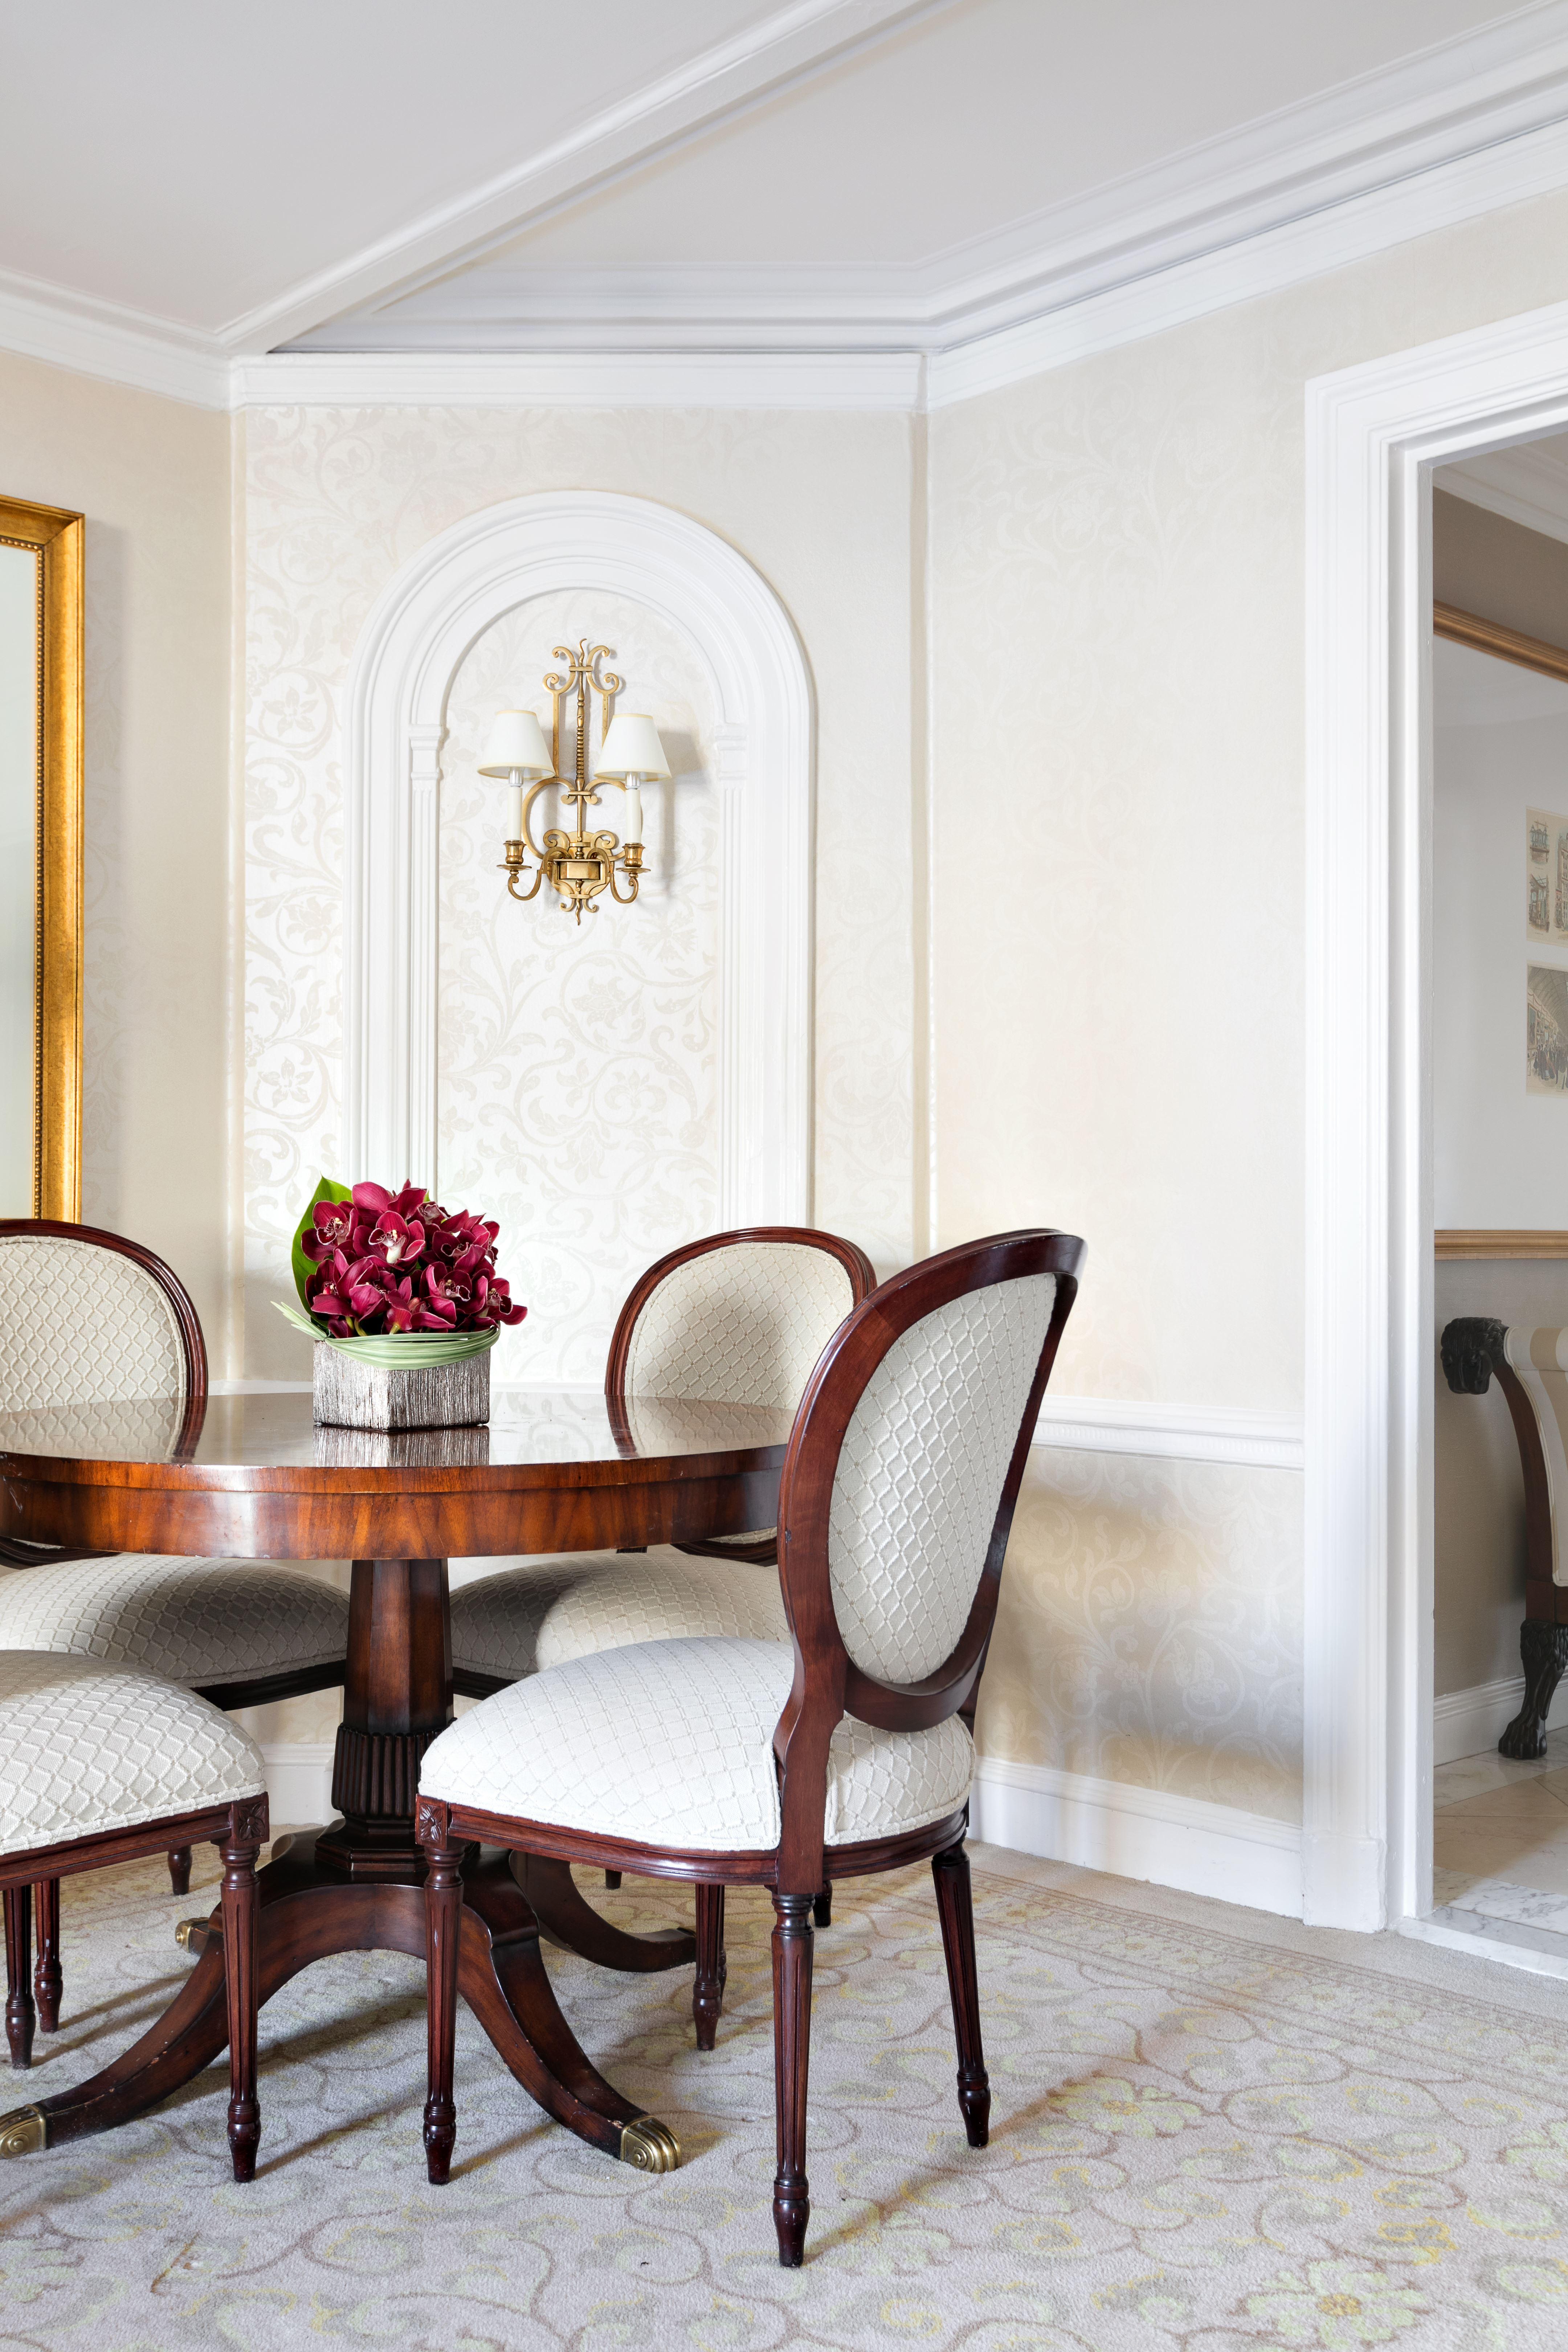 795 Fifth Avenue Interior Photo